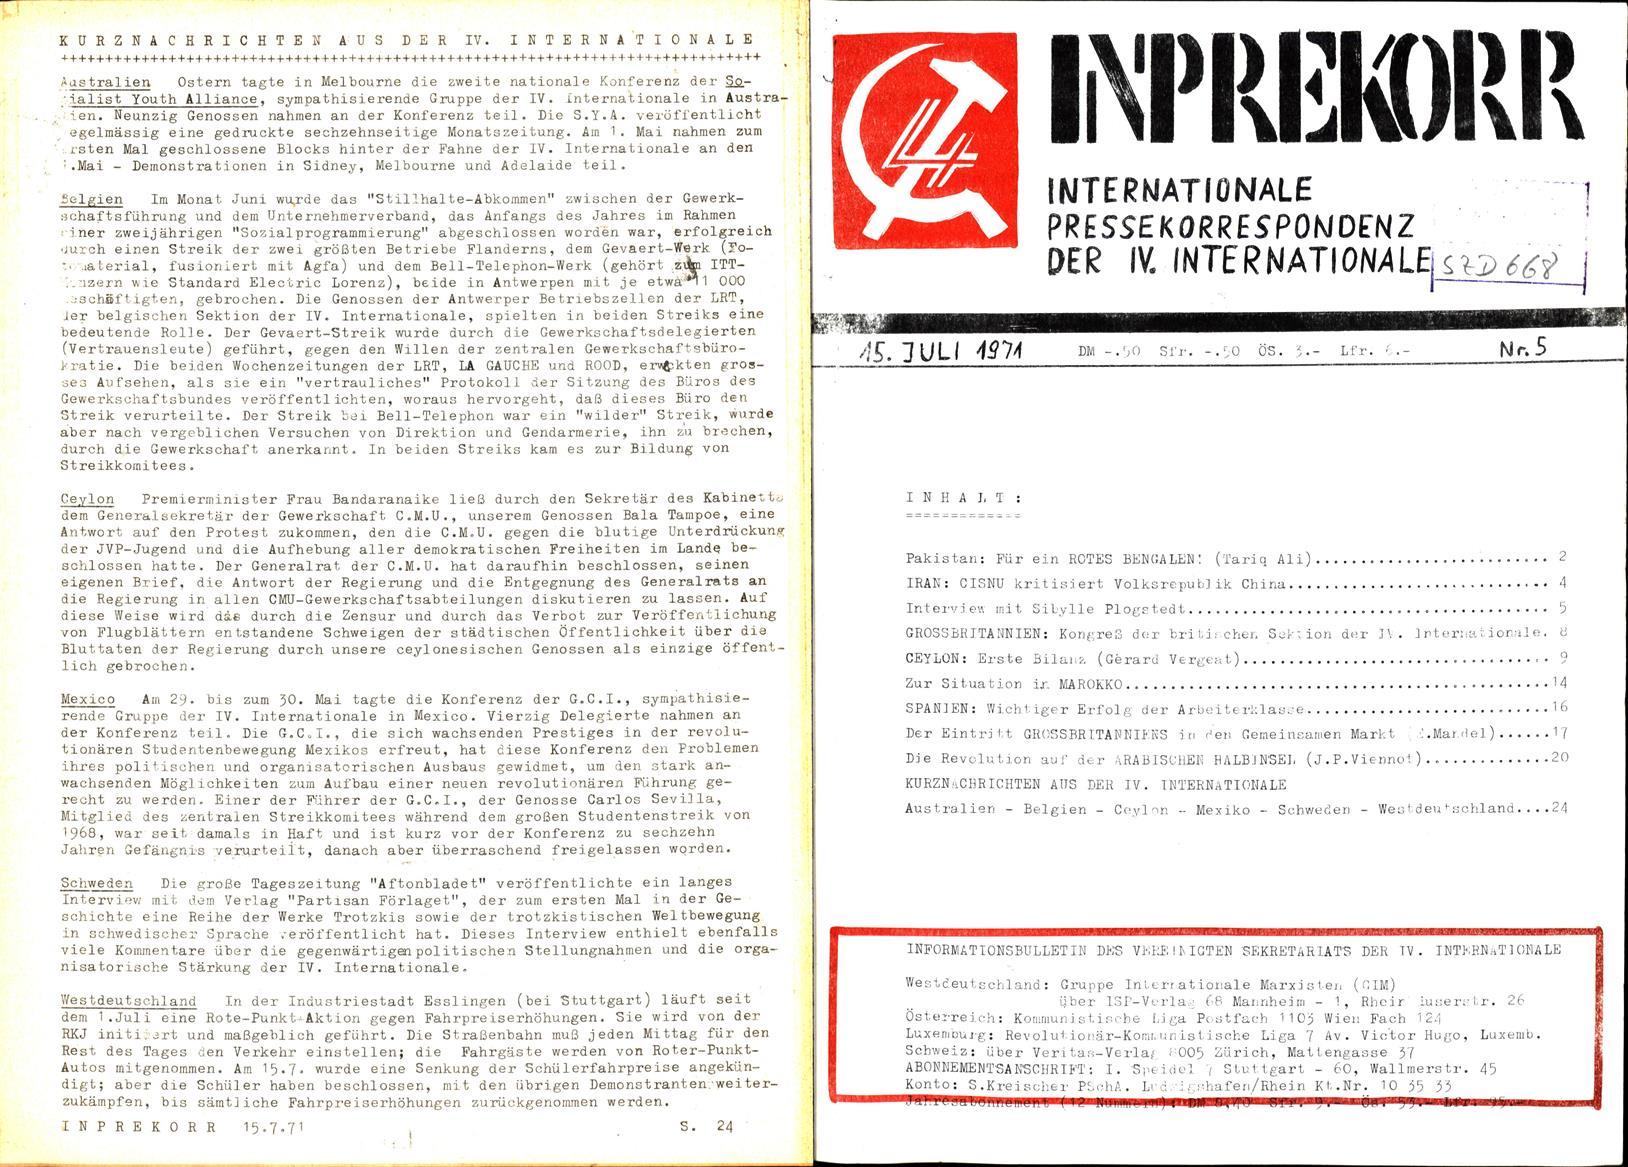 Inprekorr_19710715_005_001